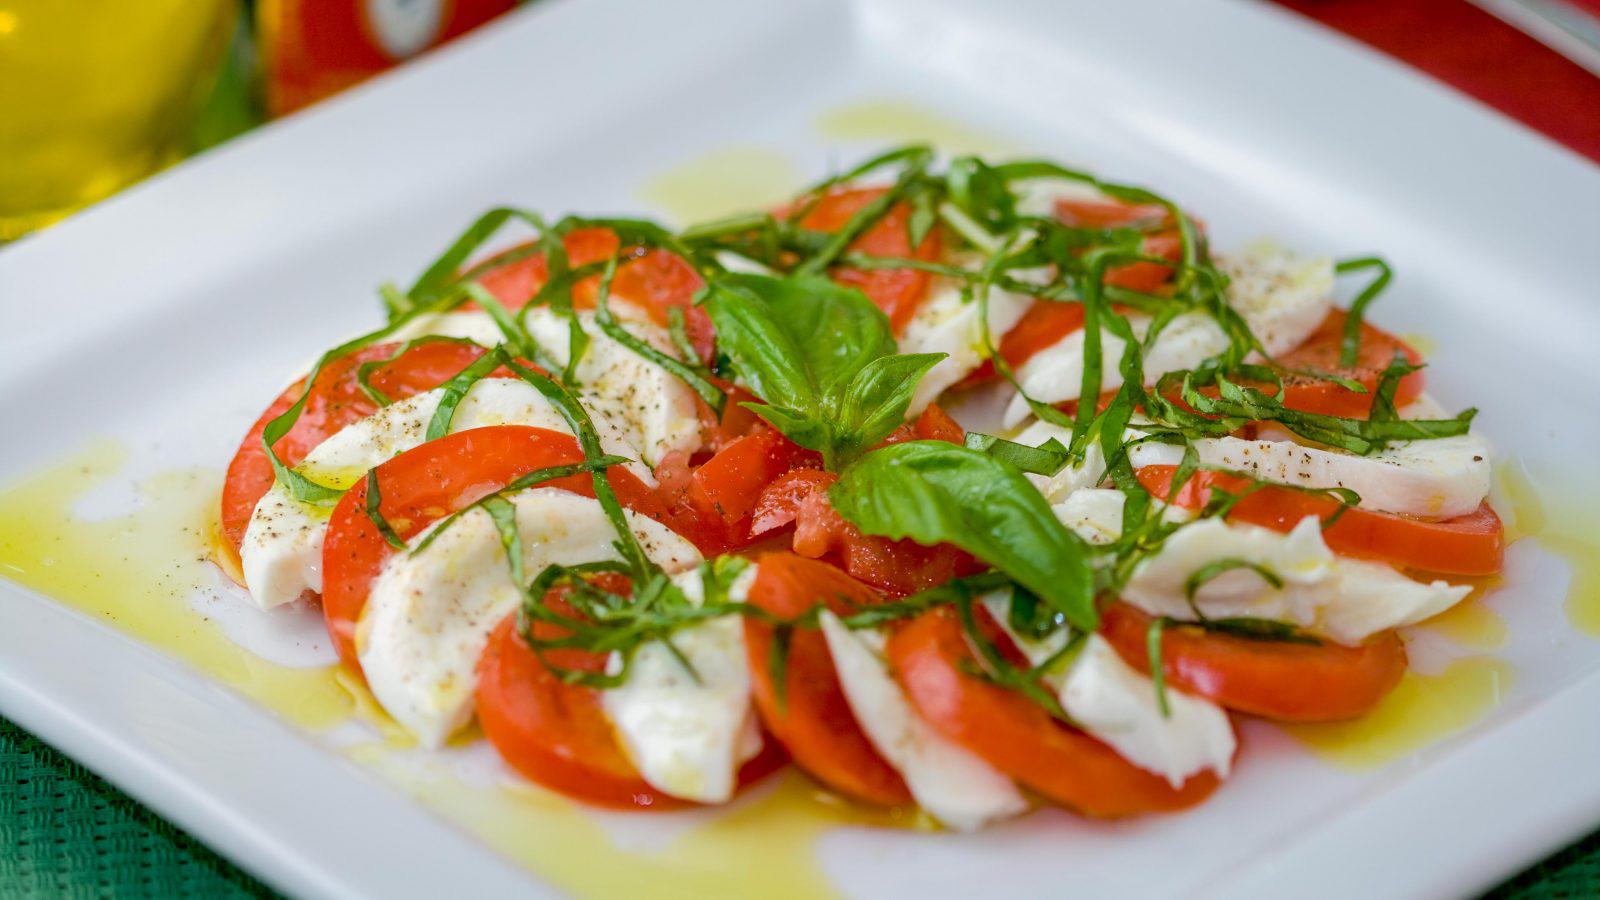 Insalata Caprese (Salad Caprese) - Online Culinary School (OCS)